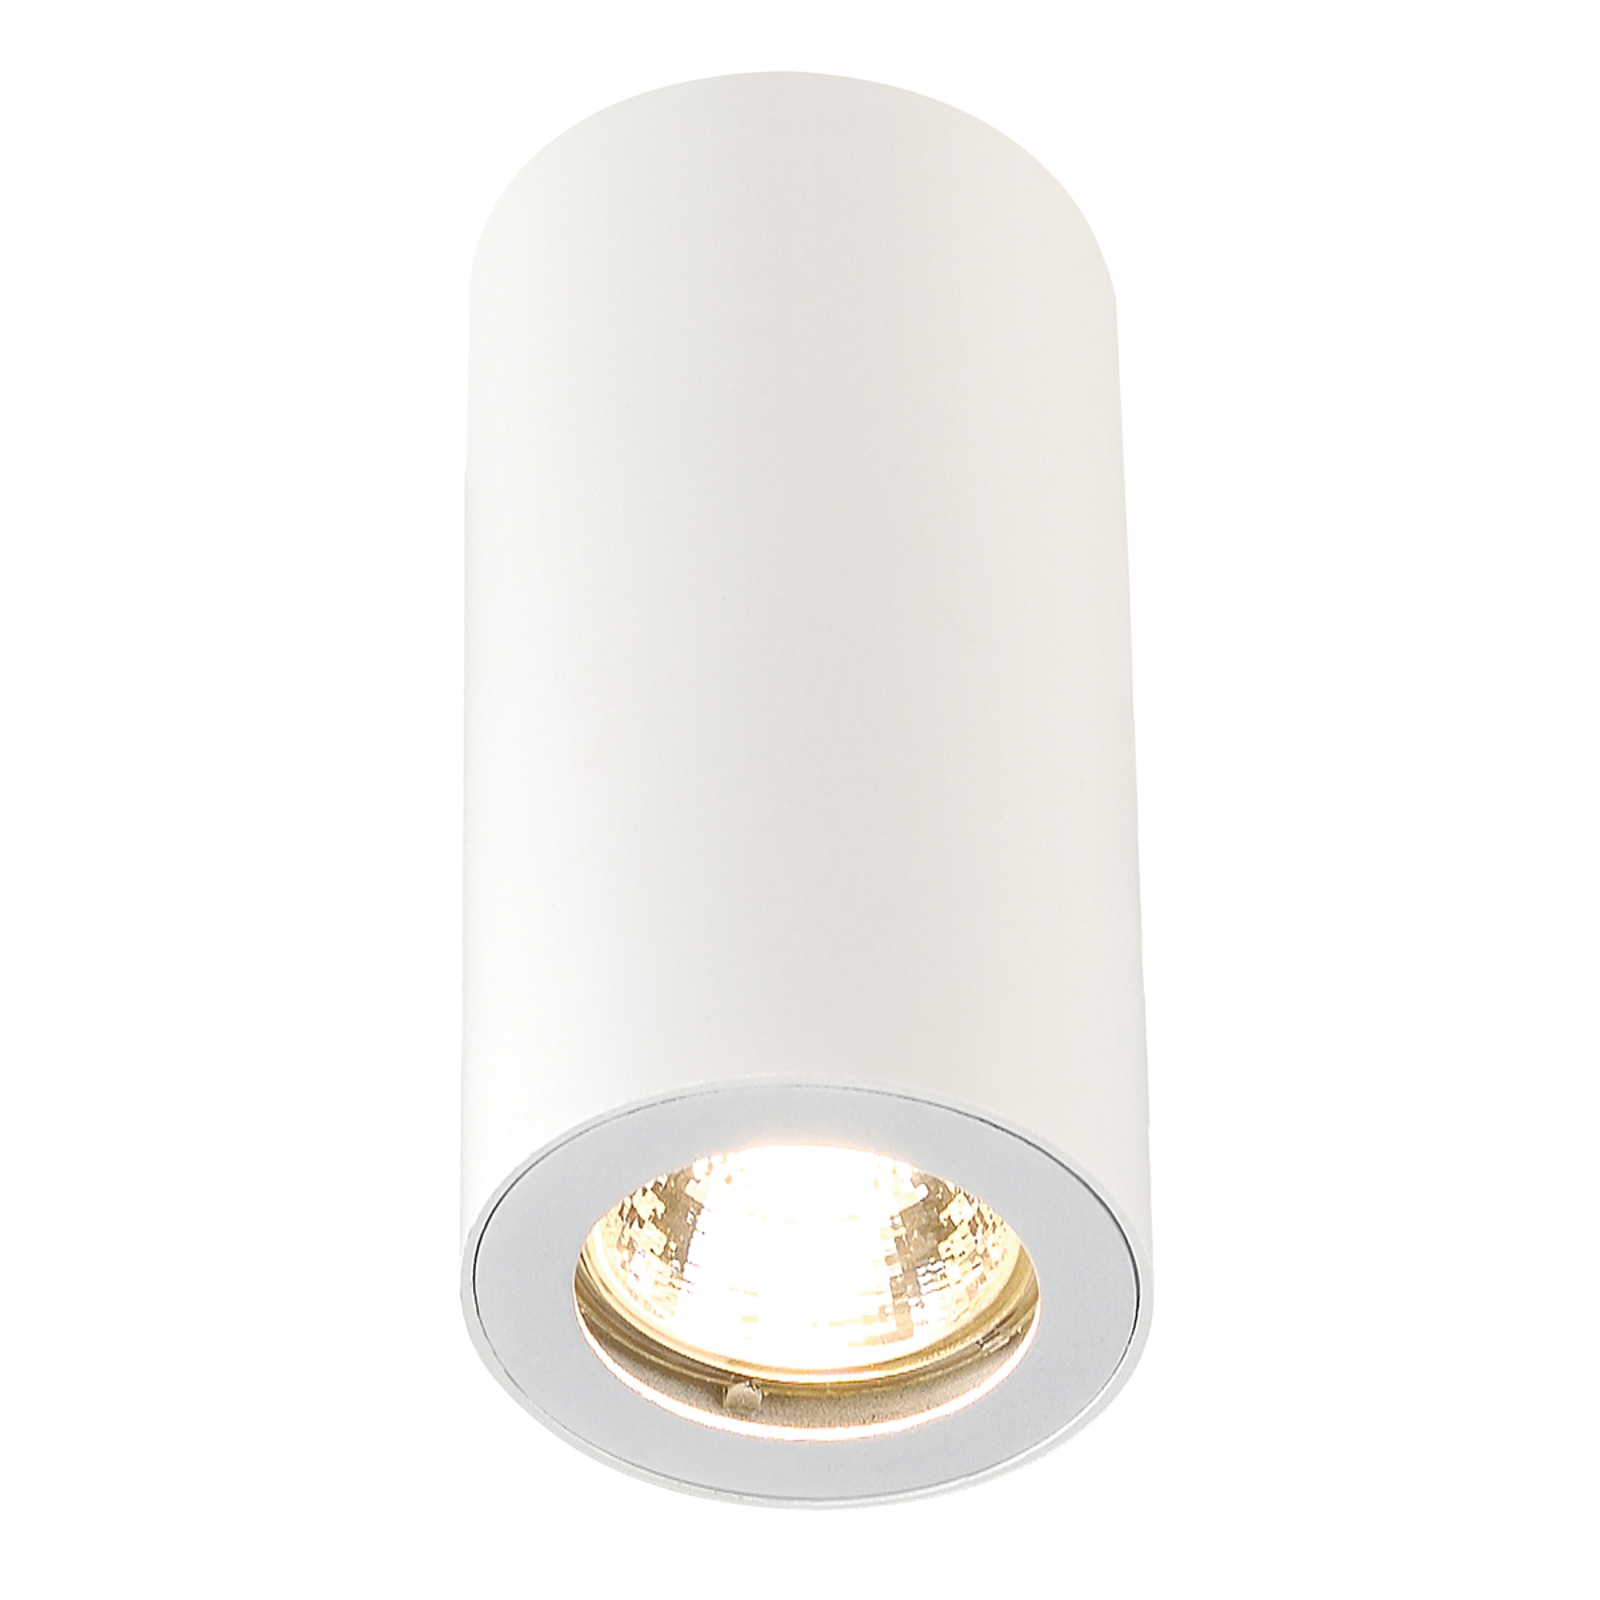 Acquista Faretto a soffitto a 1 luce ENOLA_B CL-1